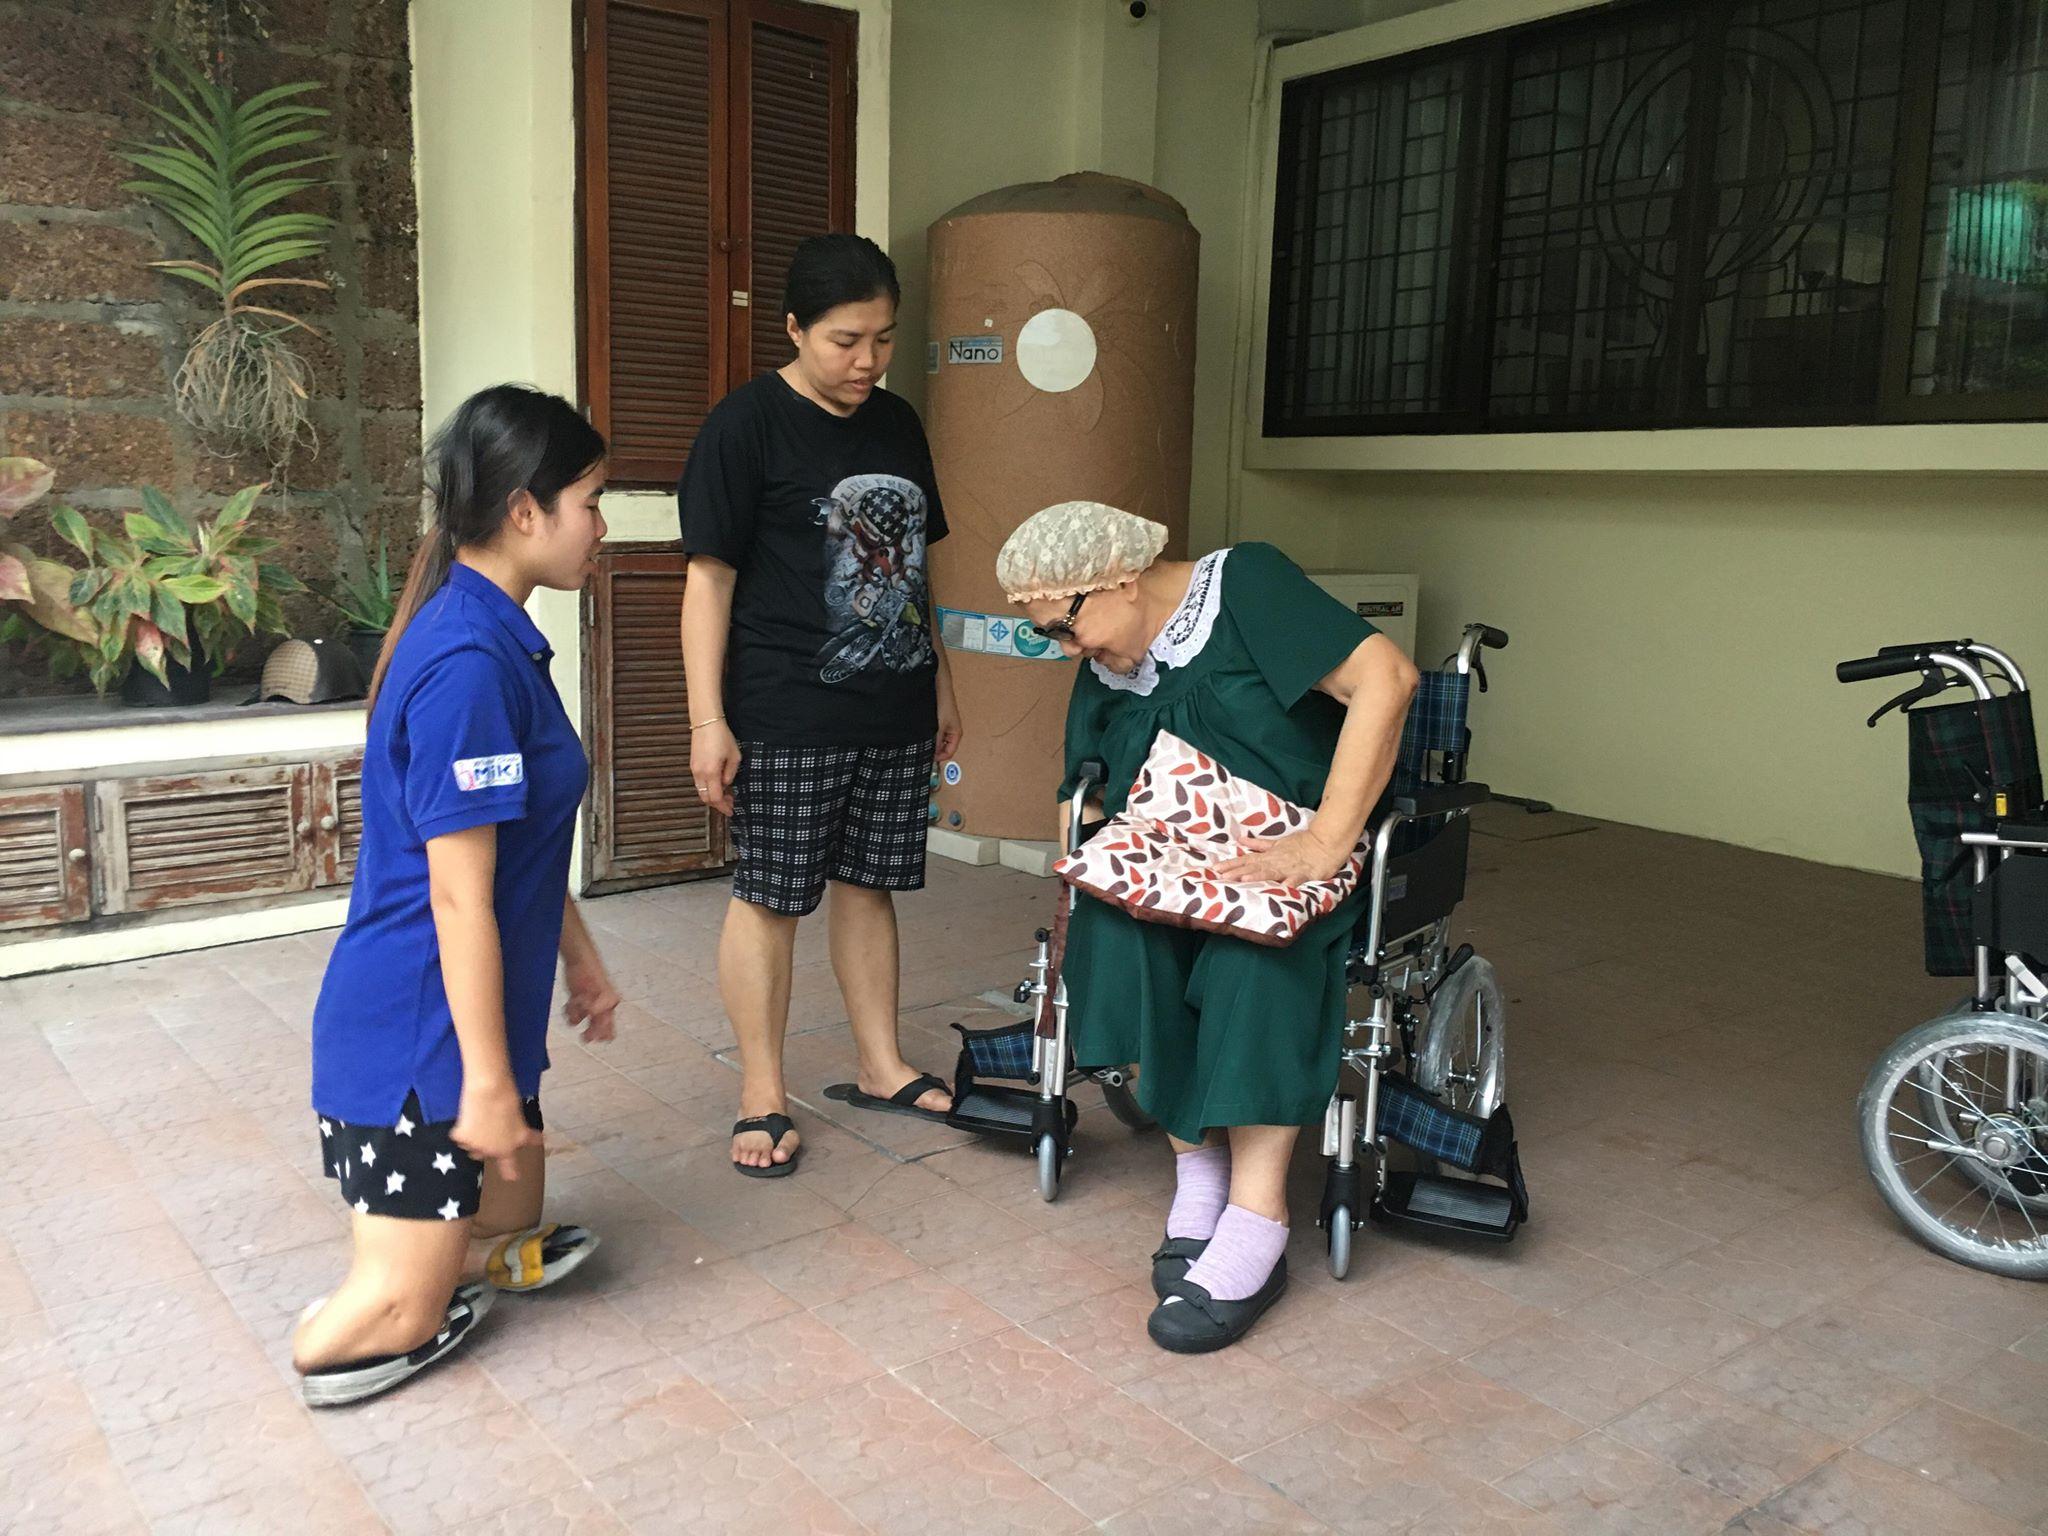 วีลเเชร์ รถเข็นผู้ป่วย รถเข็นผู้สูงอายุ รถเข็นอาบน้ำ รถเข็นนั่งถ่าย รถเข็นผู้สูงอายุปรับนอน